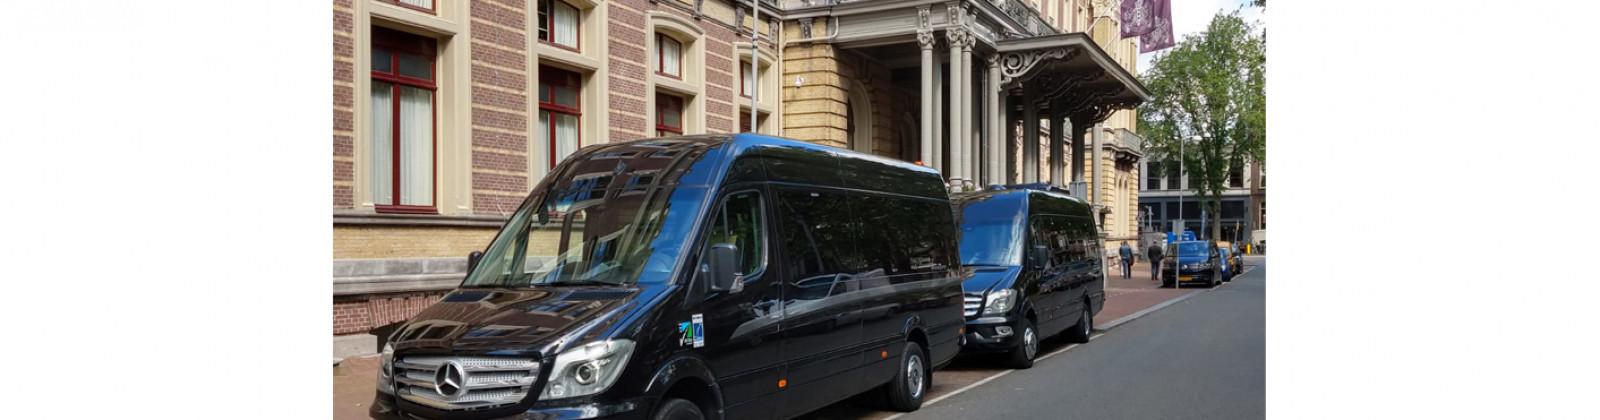 mini-coach belgium